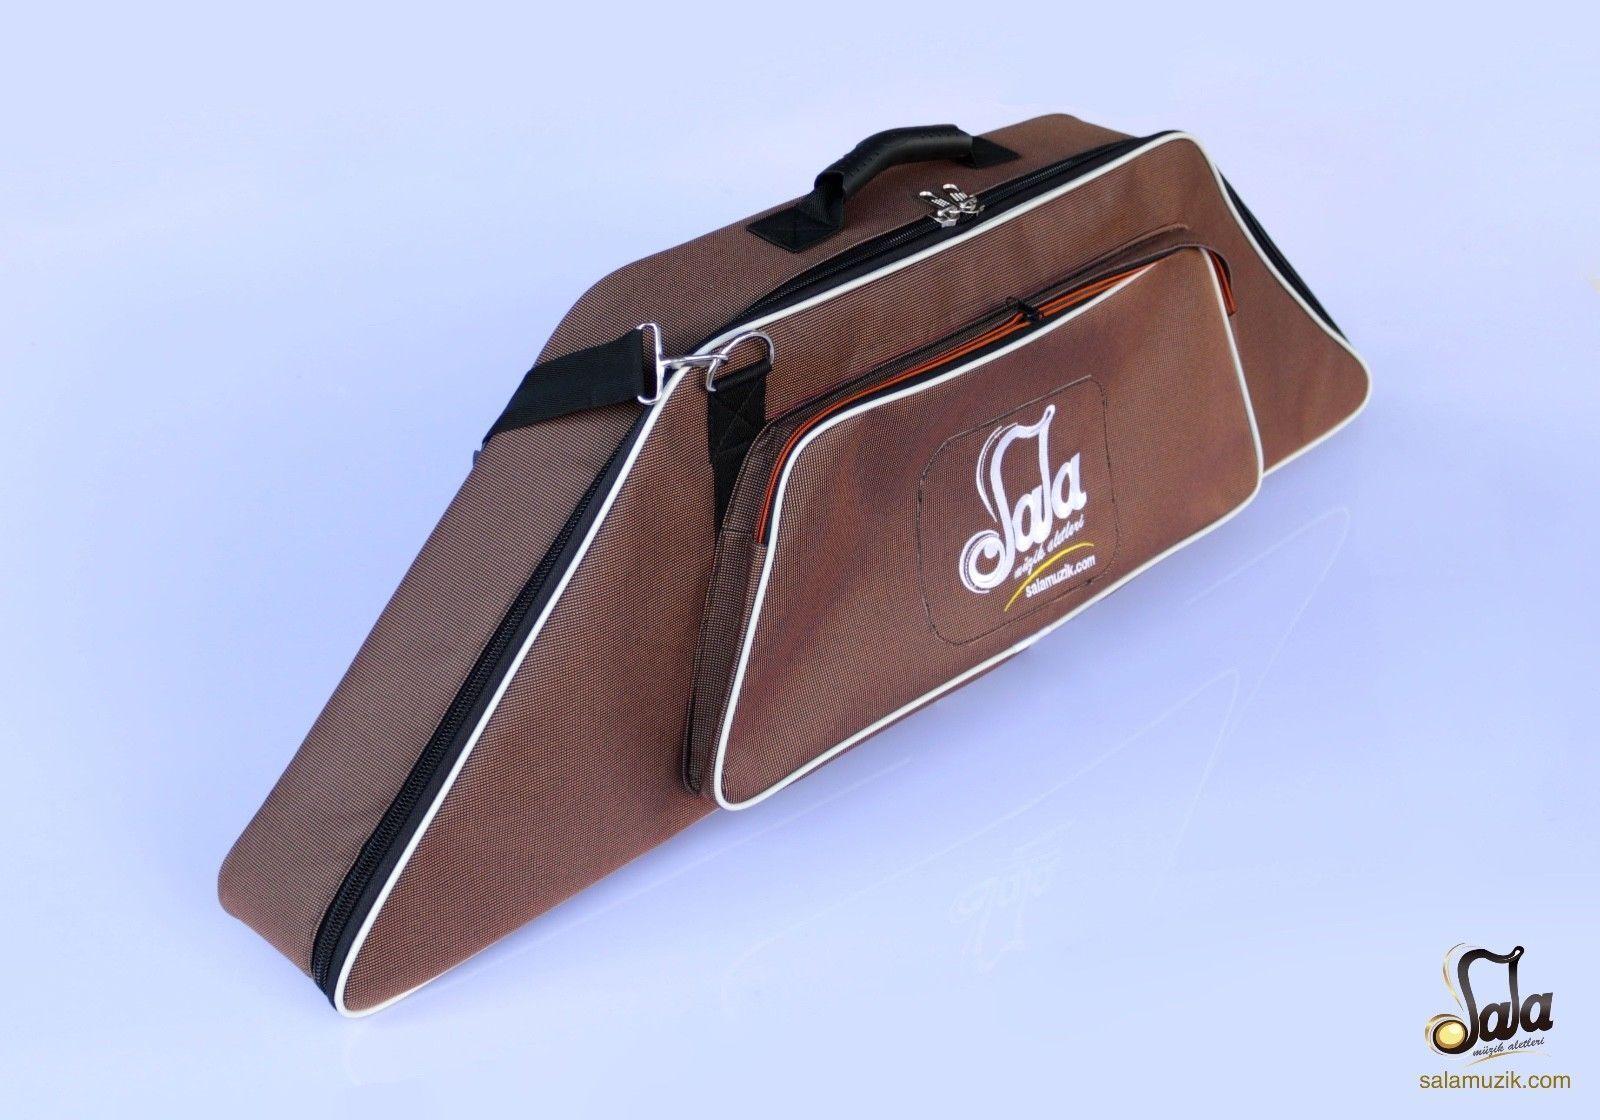 Padded Gigbag Case For Santoor Santur Santour Gig Bag Bag Bag BCS-306 6691a0